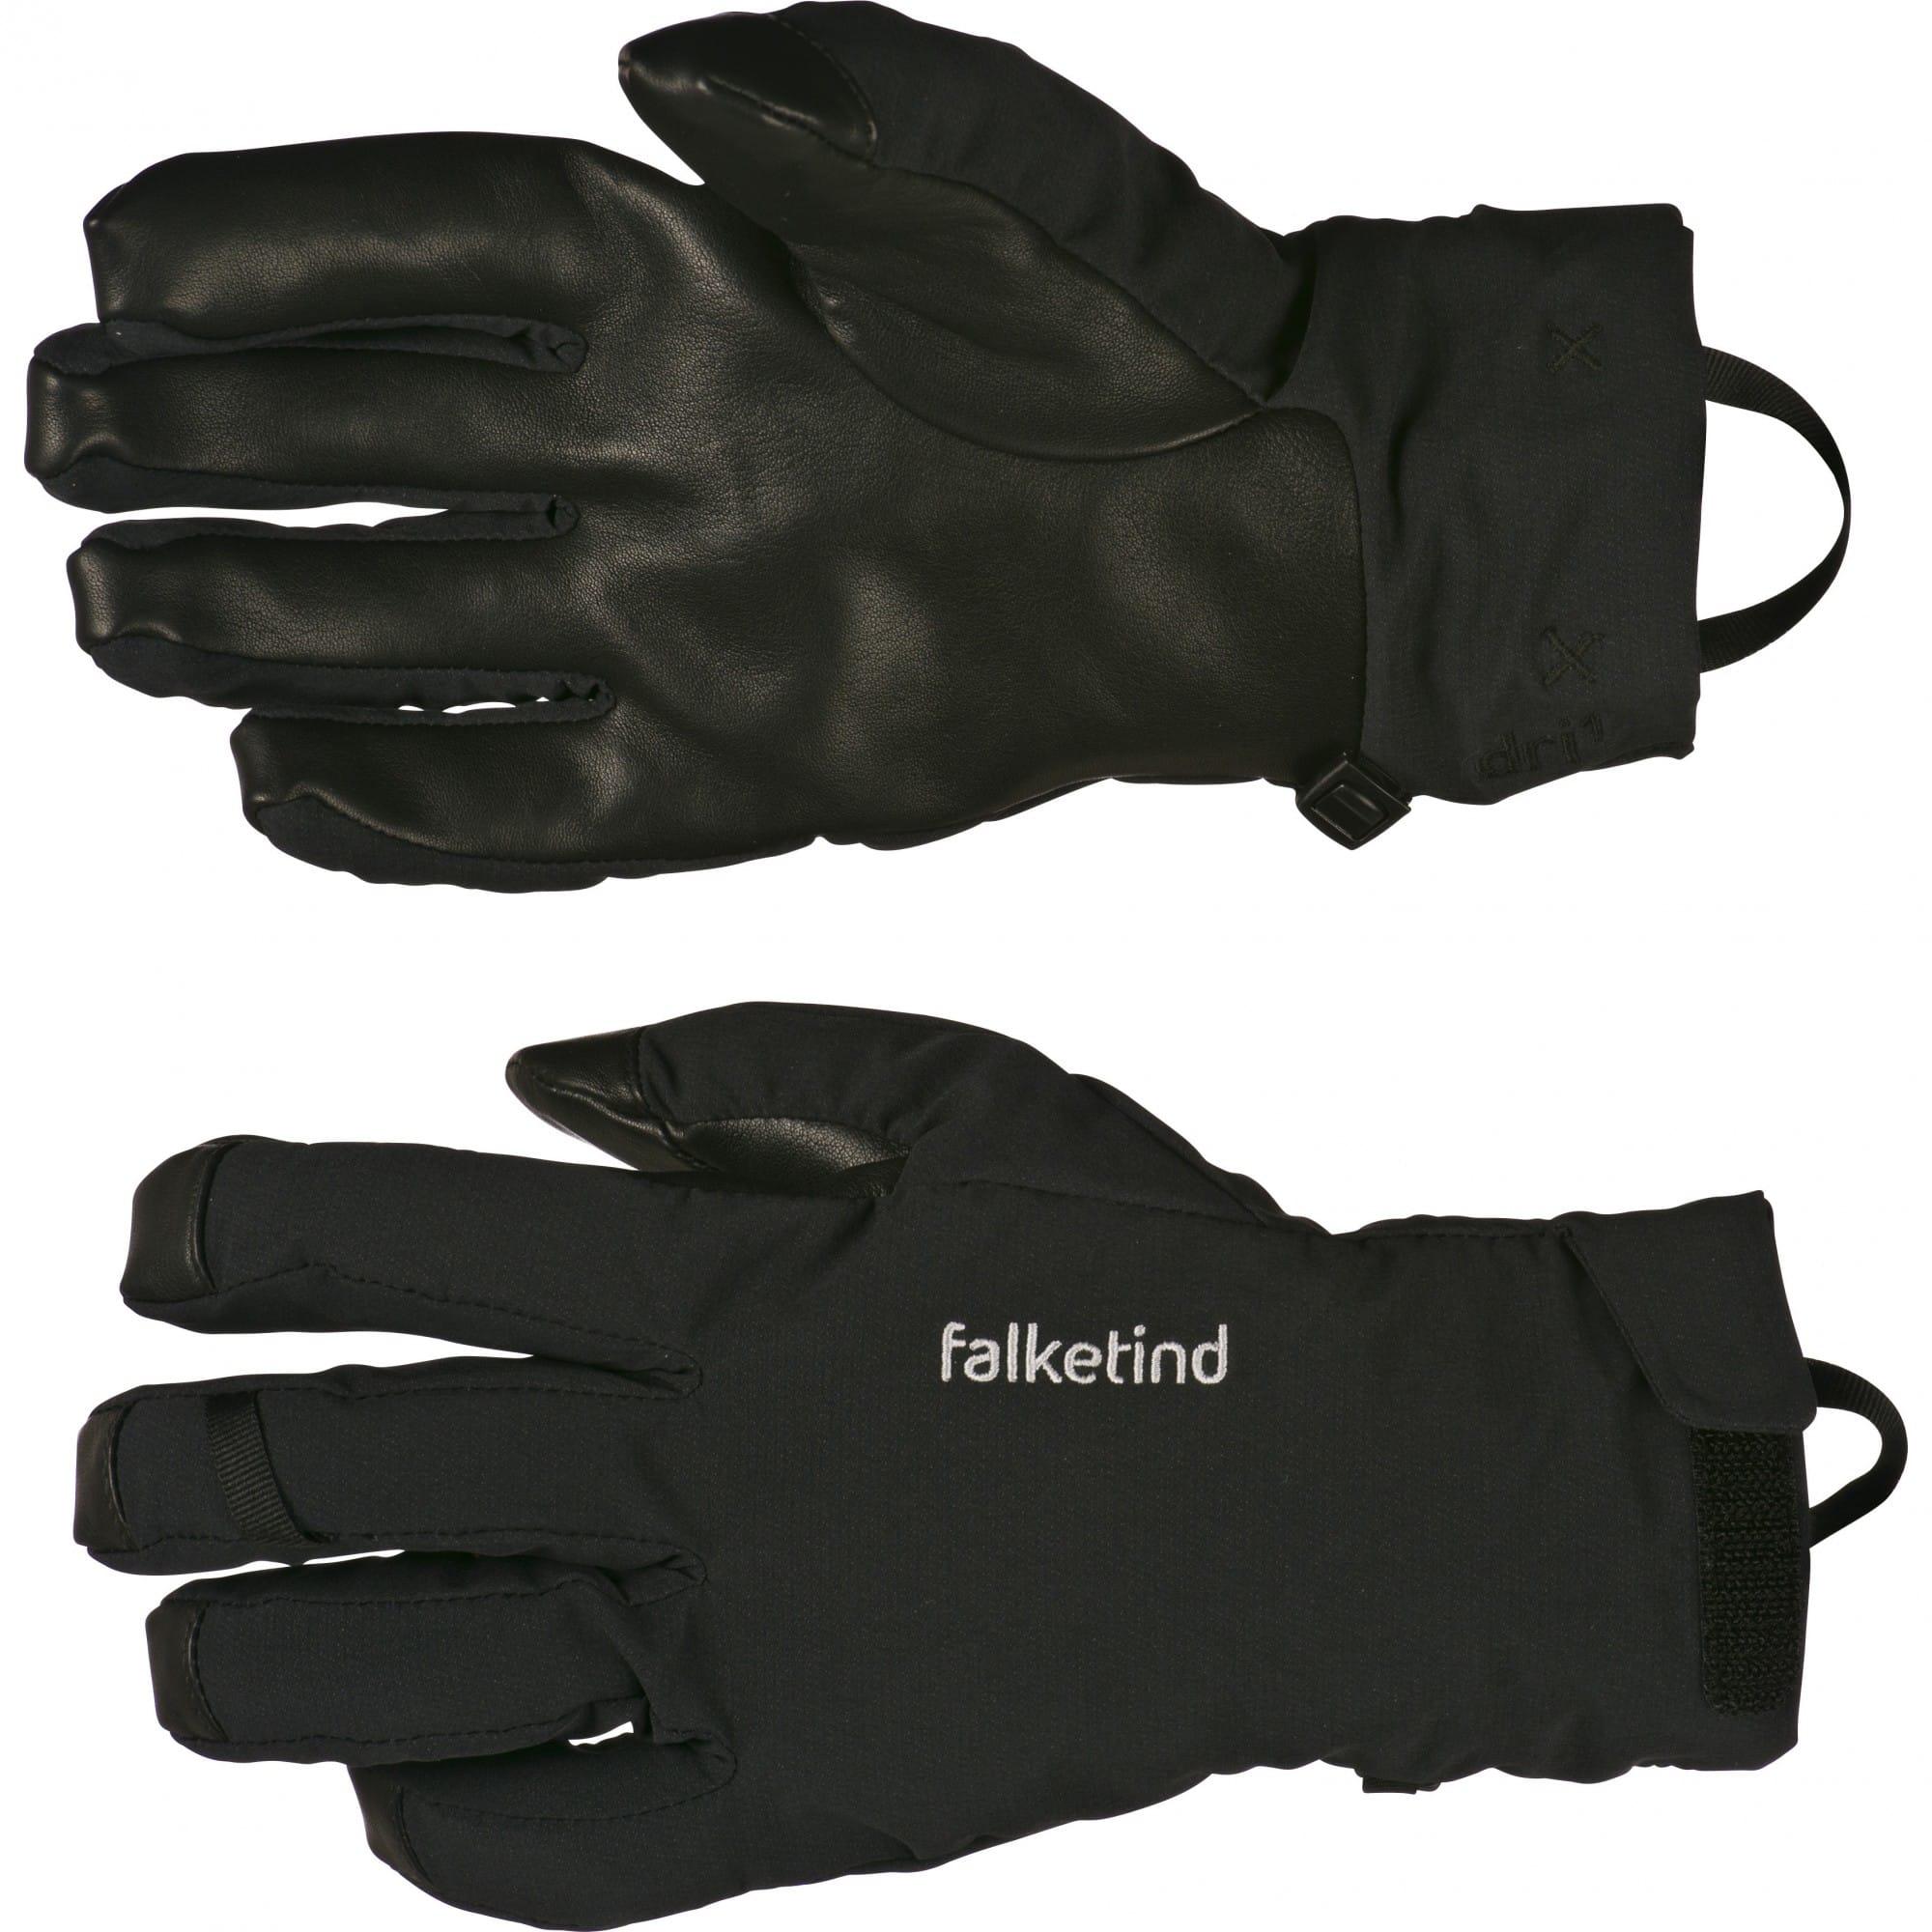 Norrona Falketind DRI Short Gloves Schwarz, Accessoires, L